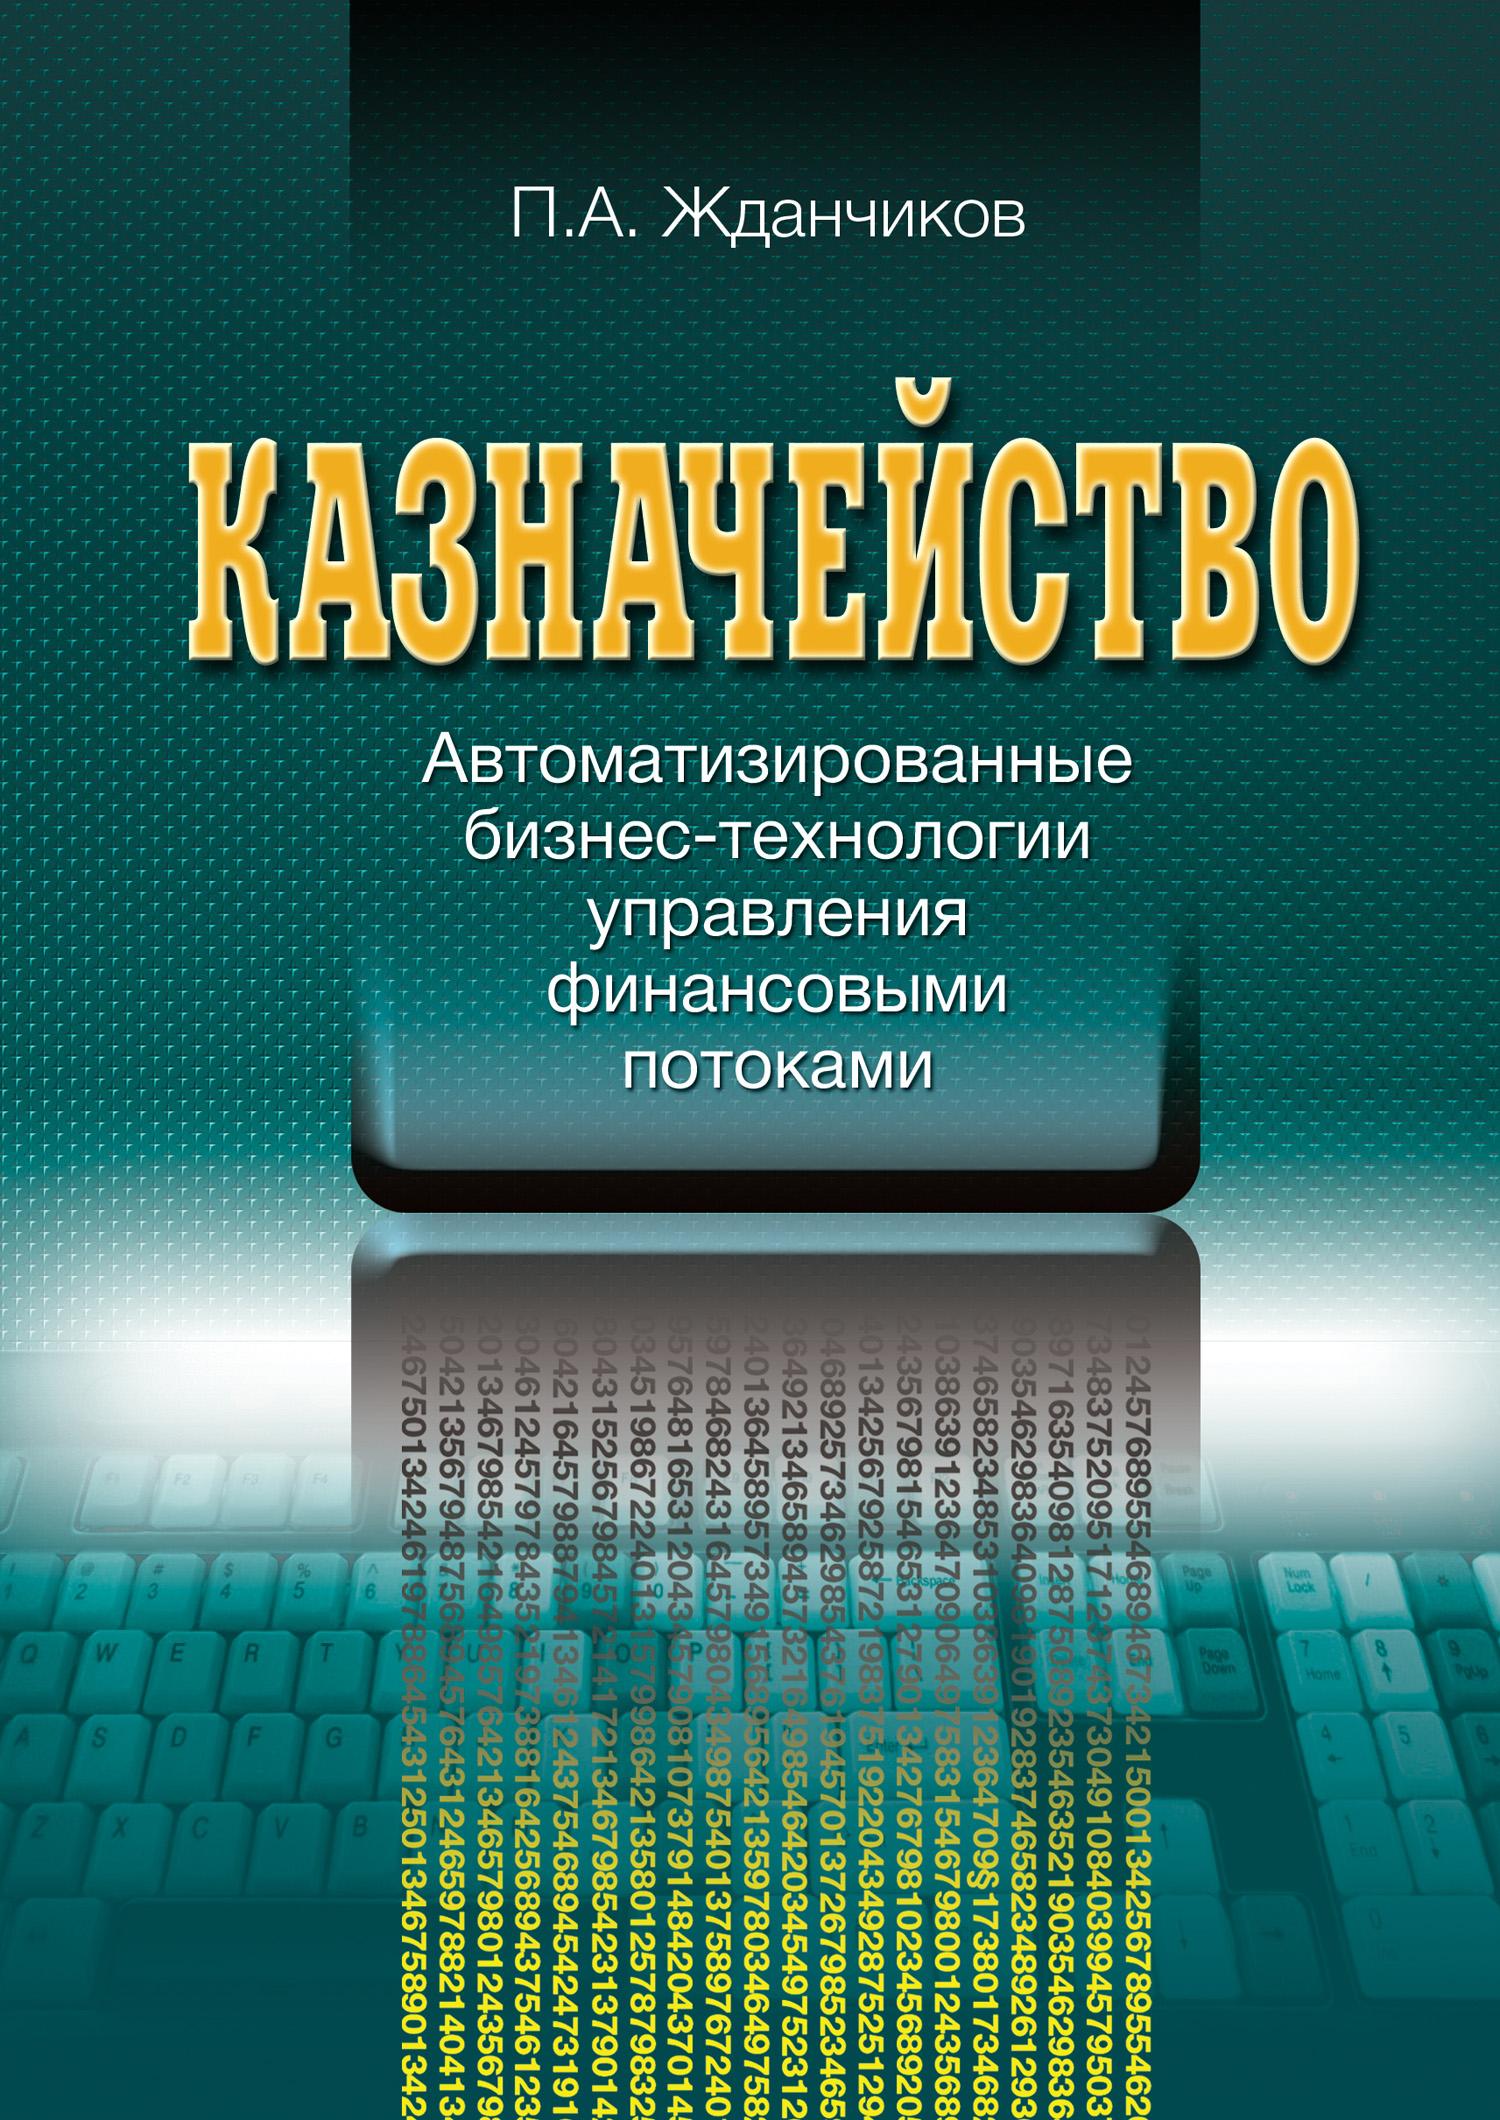 Обложка книги Казначейство. Автоматизированные бизнес-технологии управления финансовыми потоками